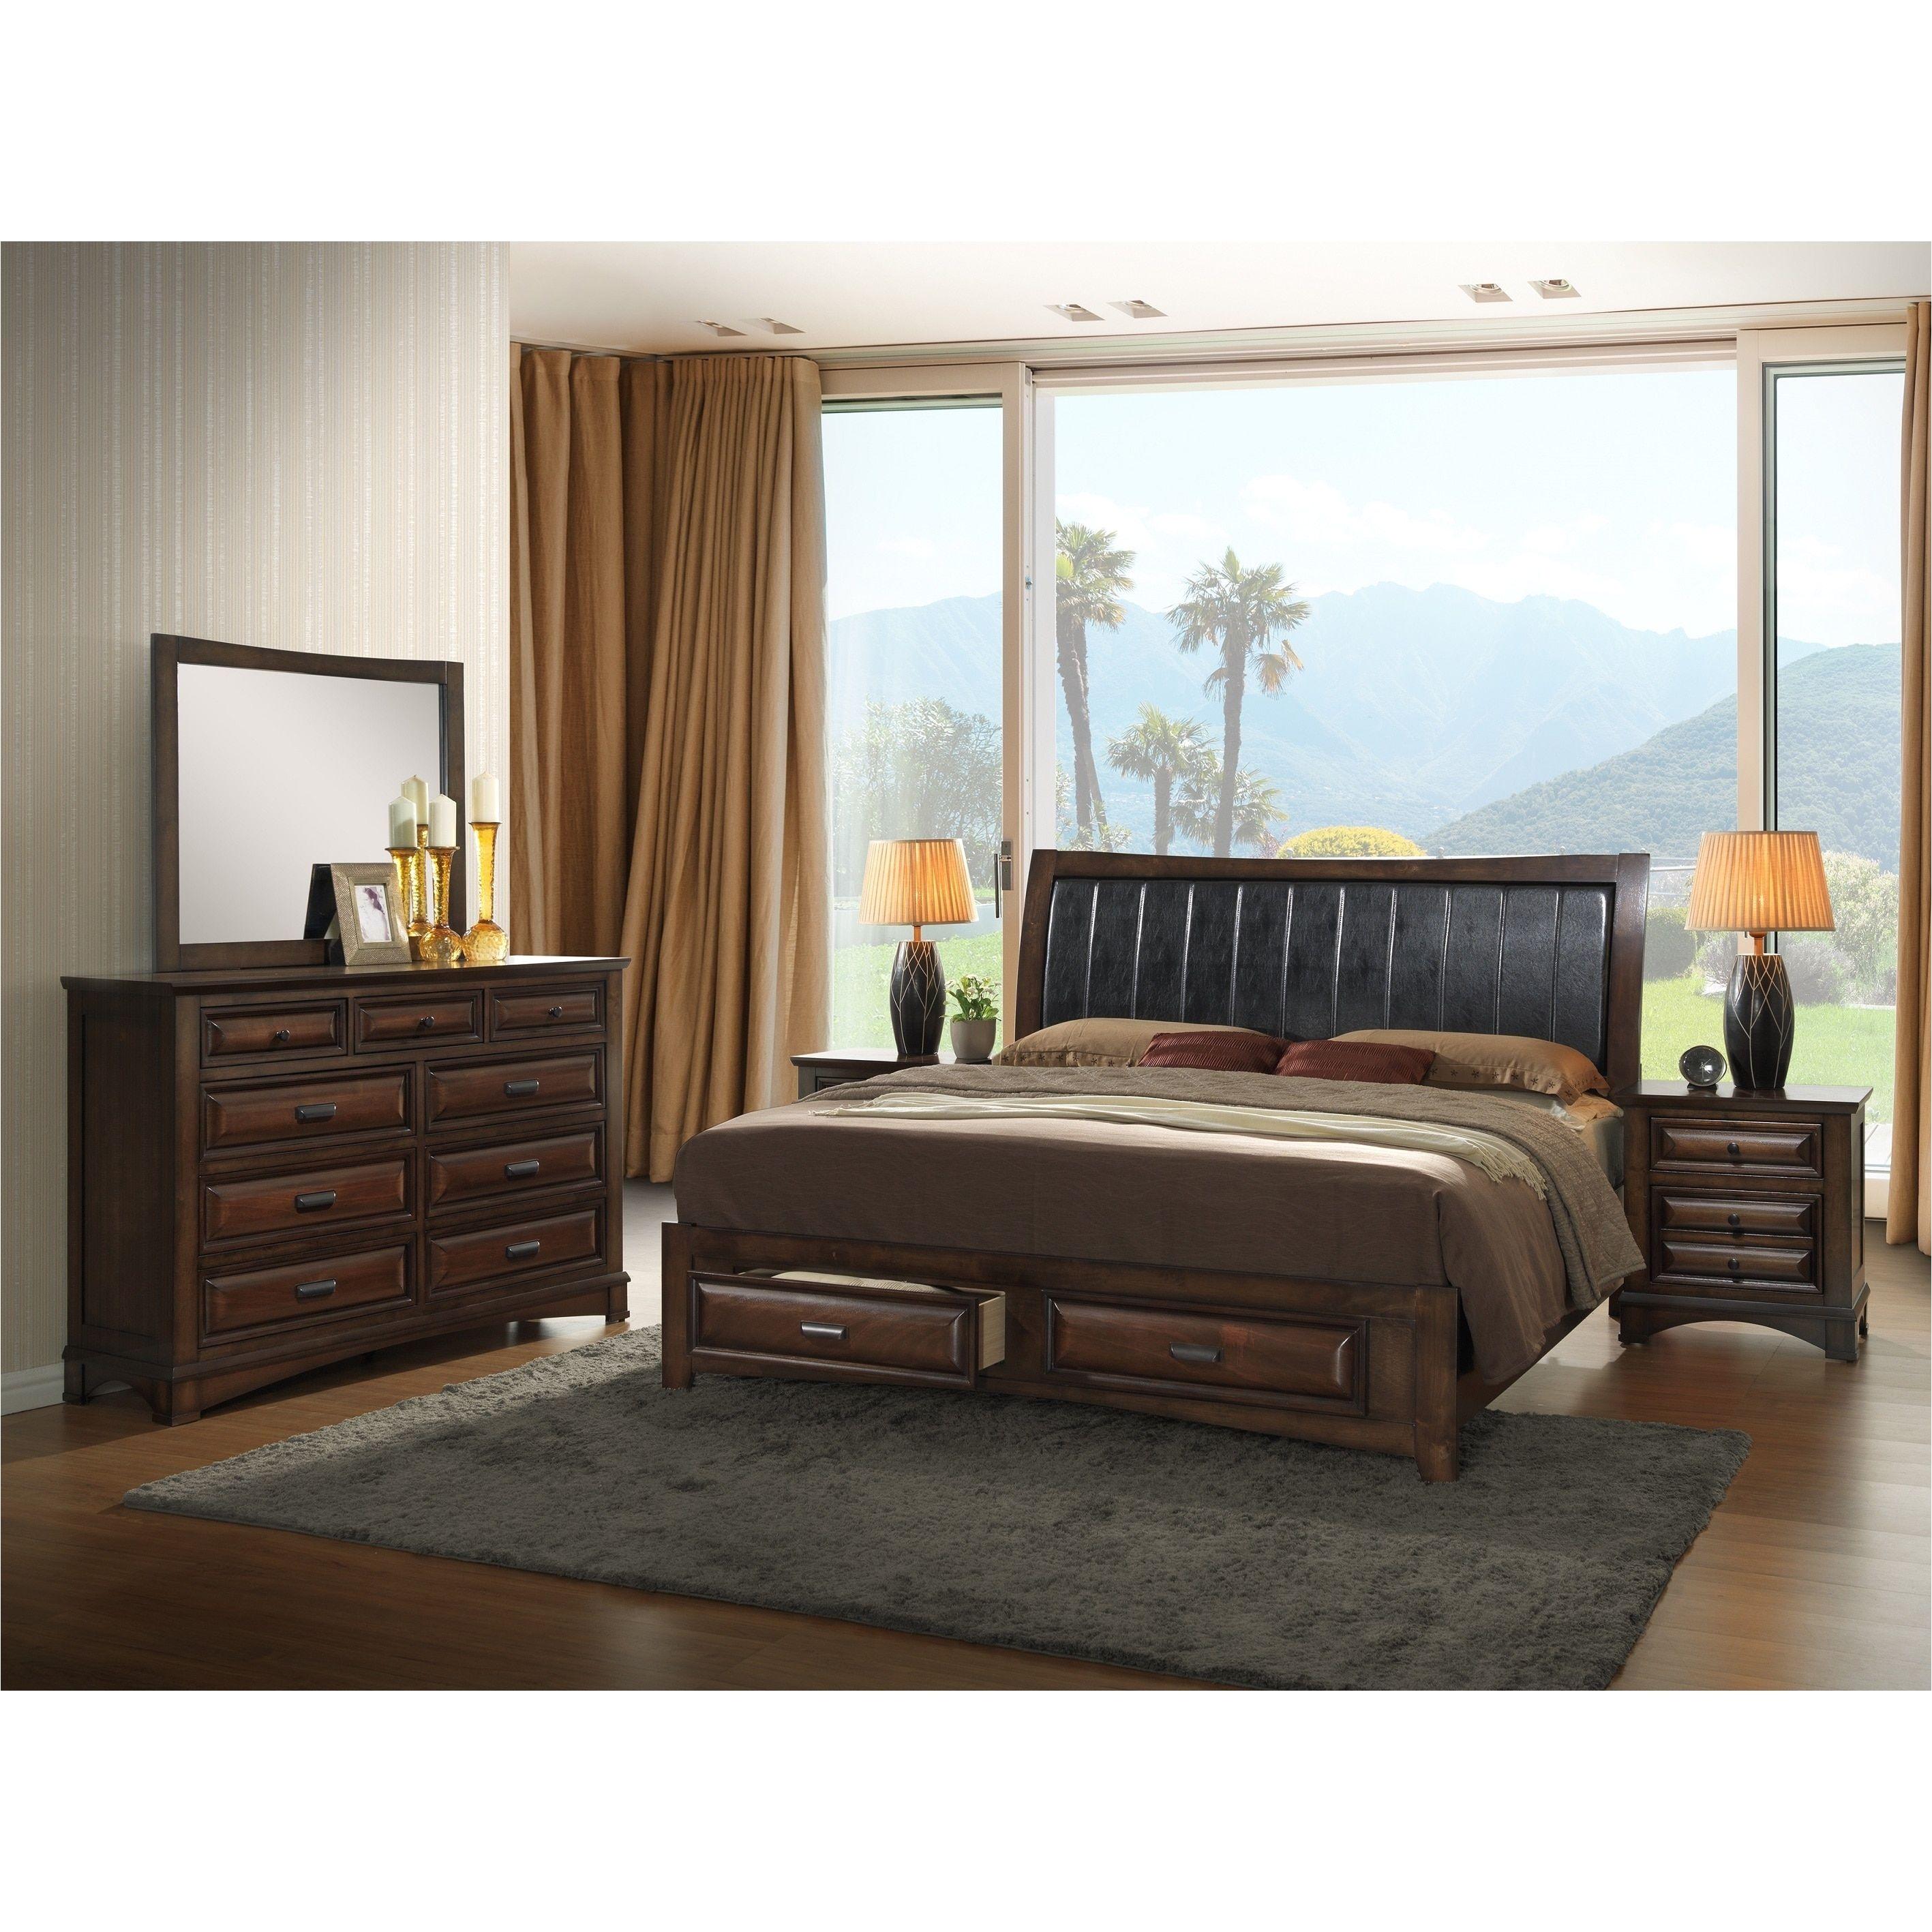 Broval Light Espresso Wood King size Storage Bedroom Set